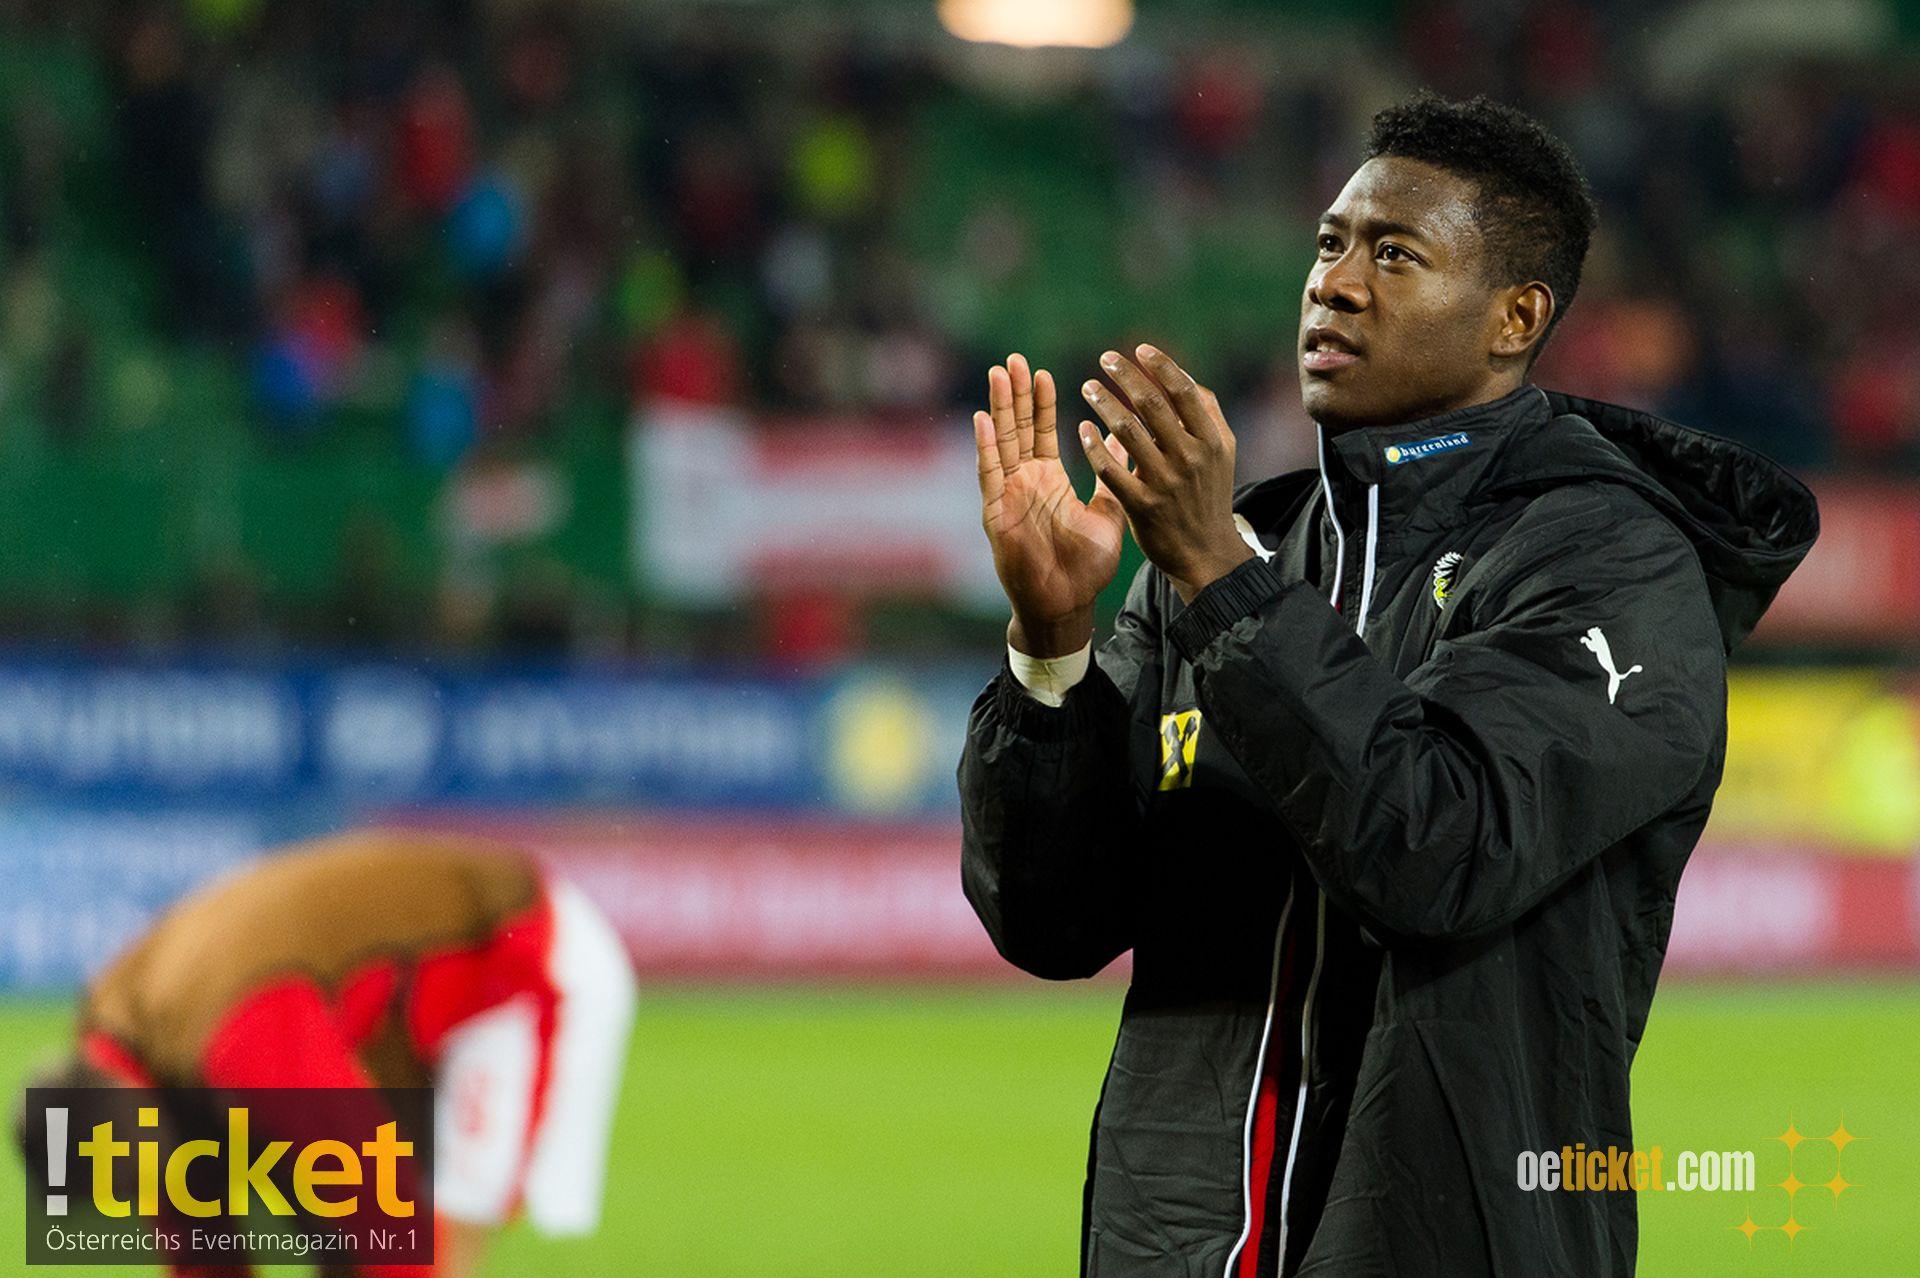 Applaus von David Alaba für die österreichischen Fans für die Unterstützung.